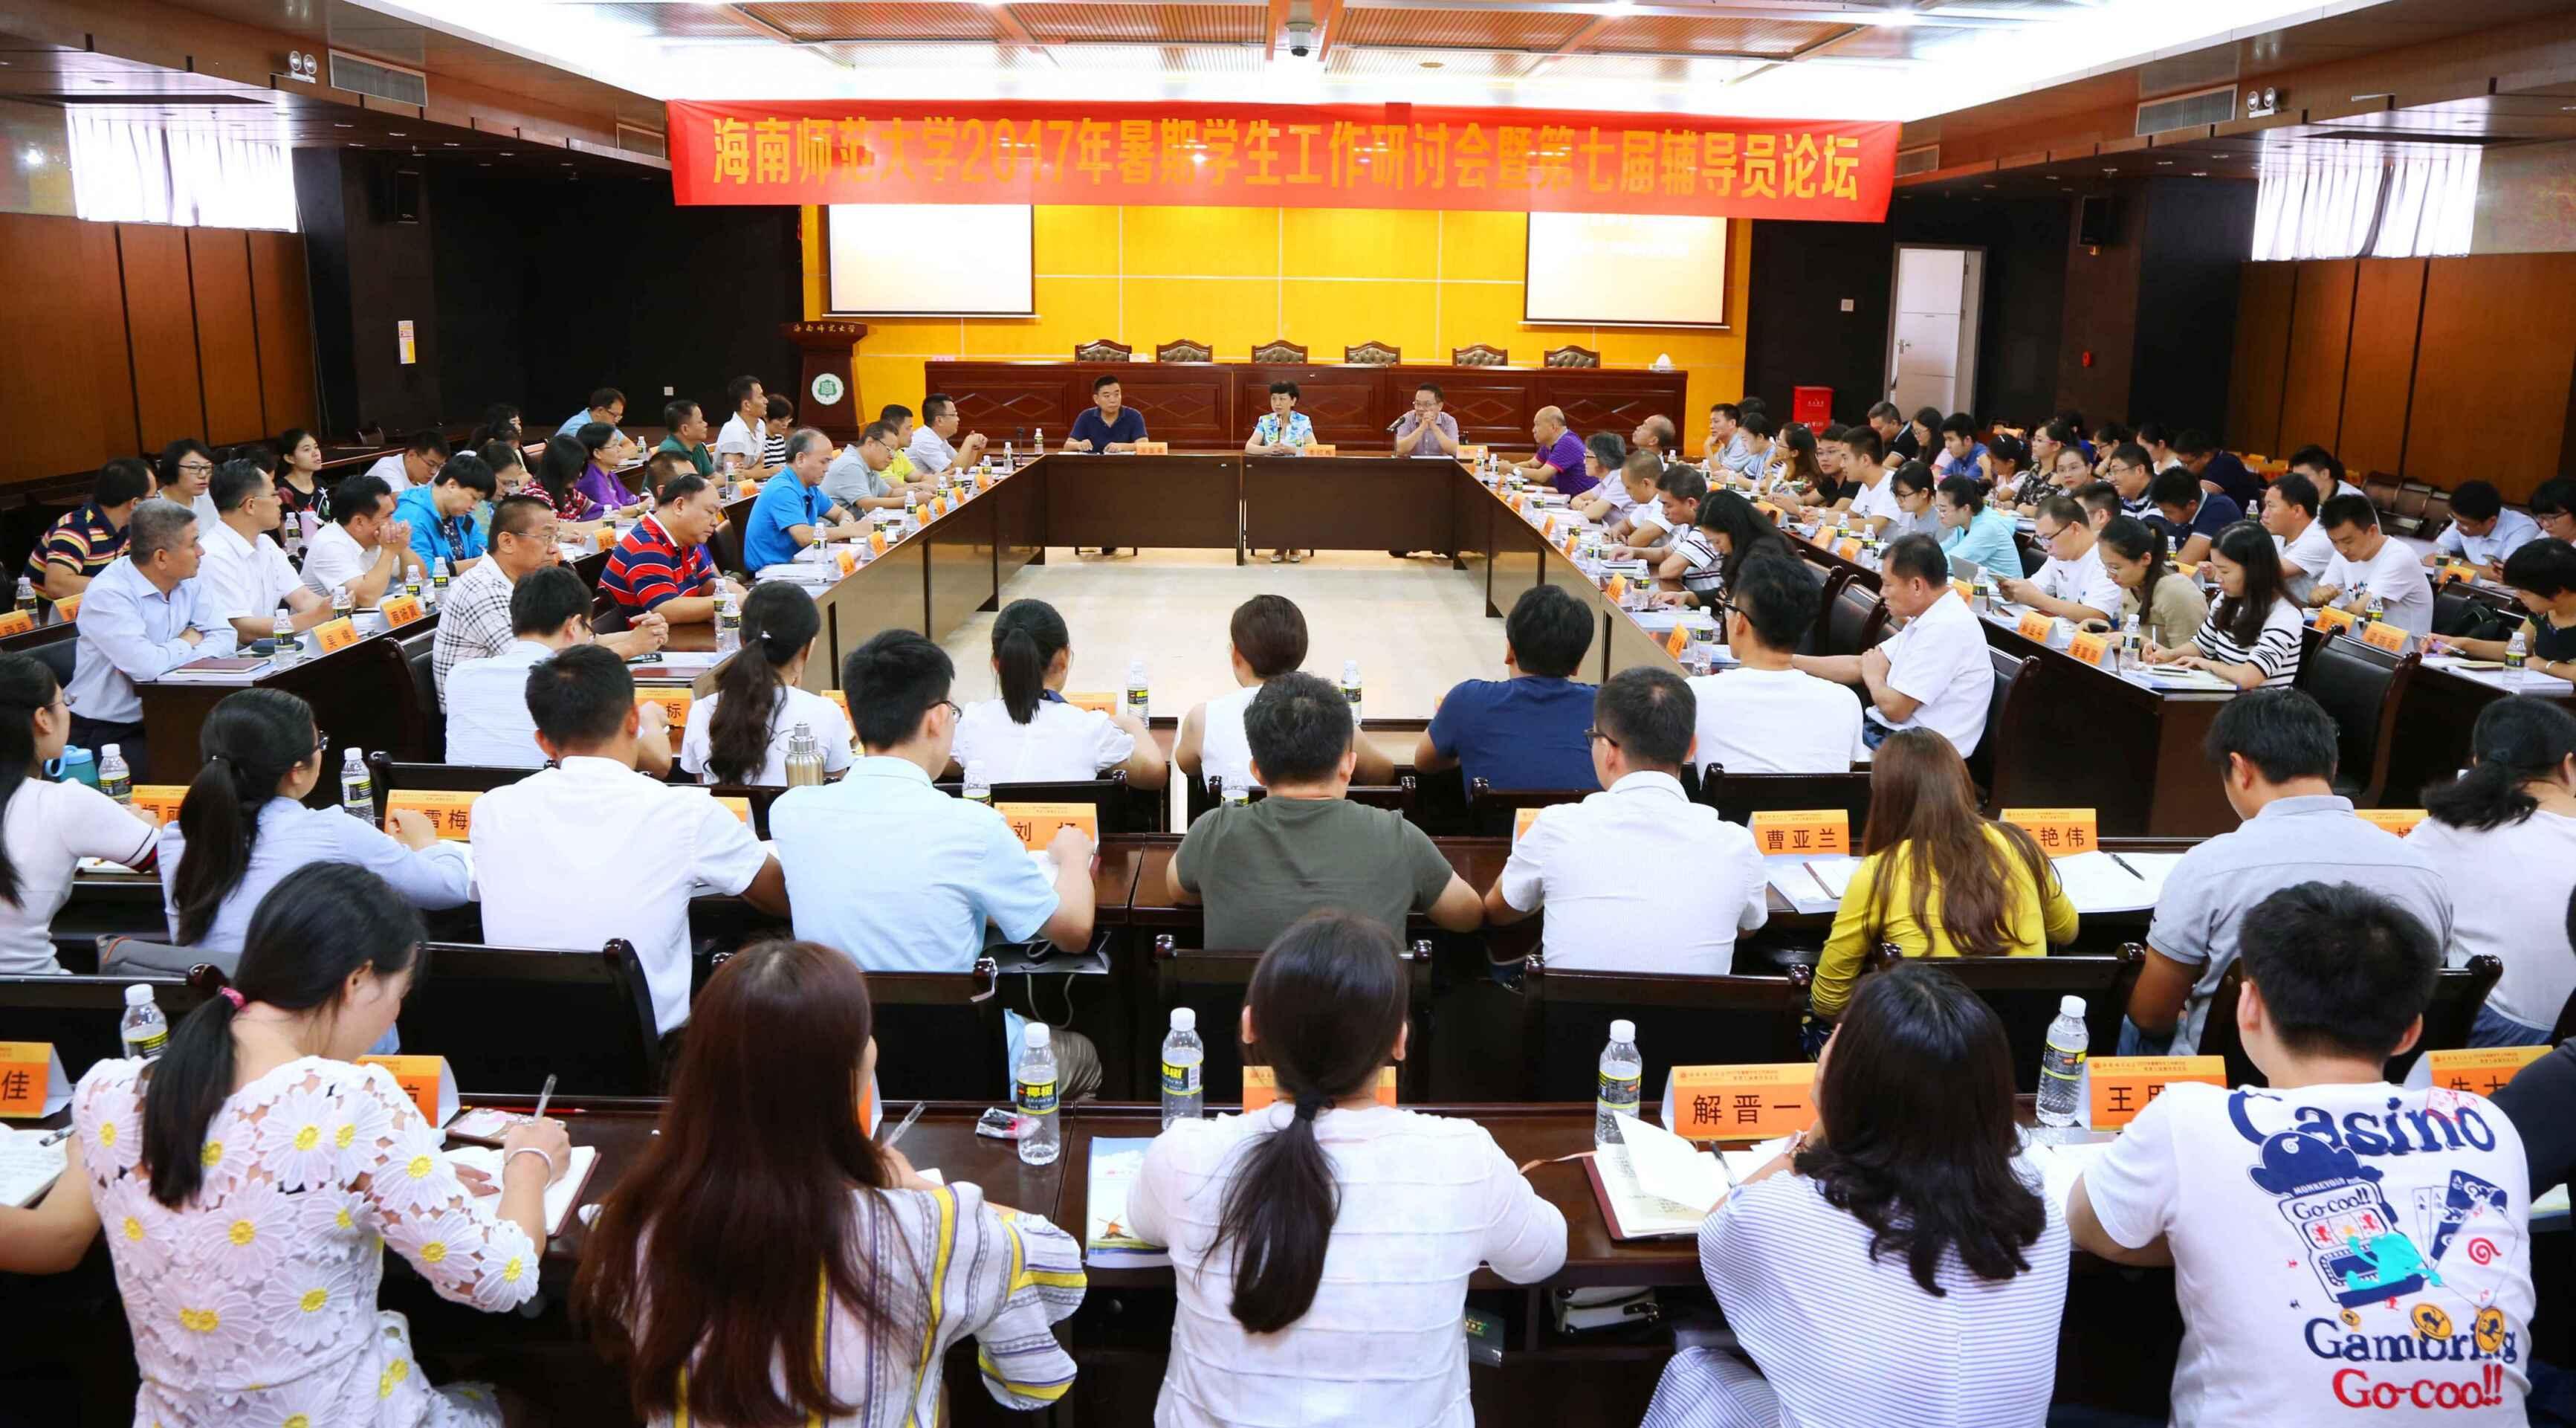 我校召开2017年暑期学生工作研讨会暨第七届辅导员论坛